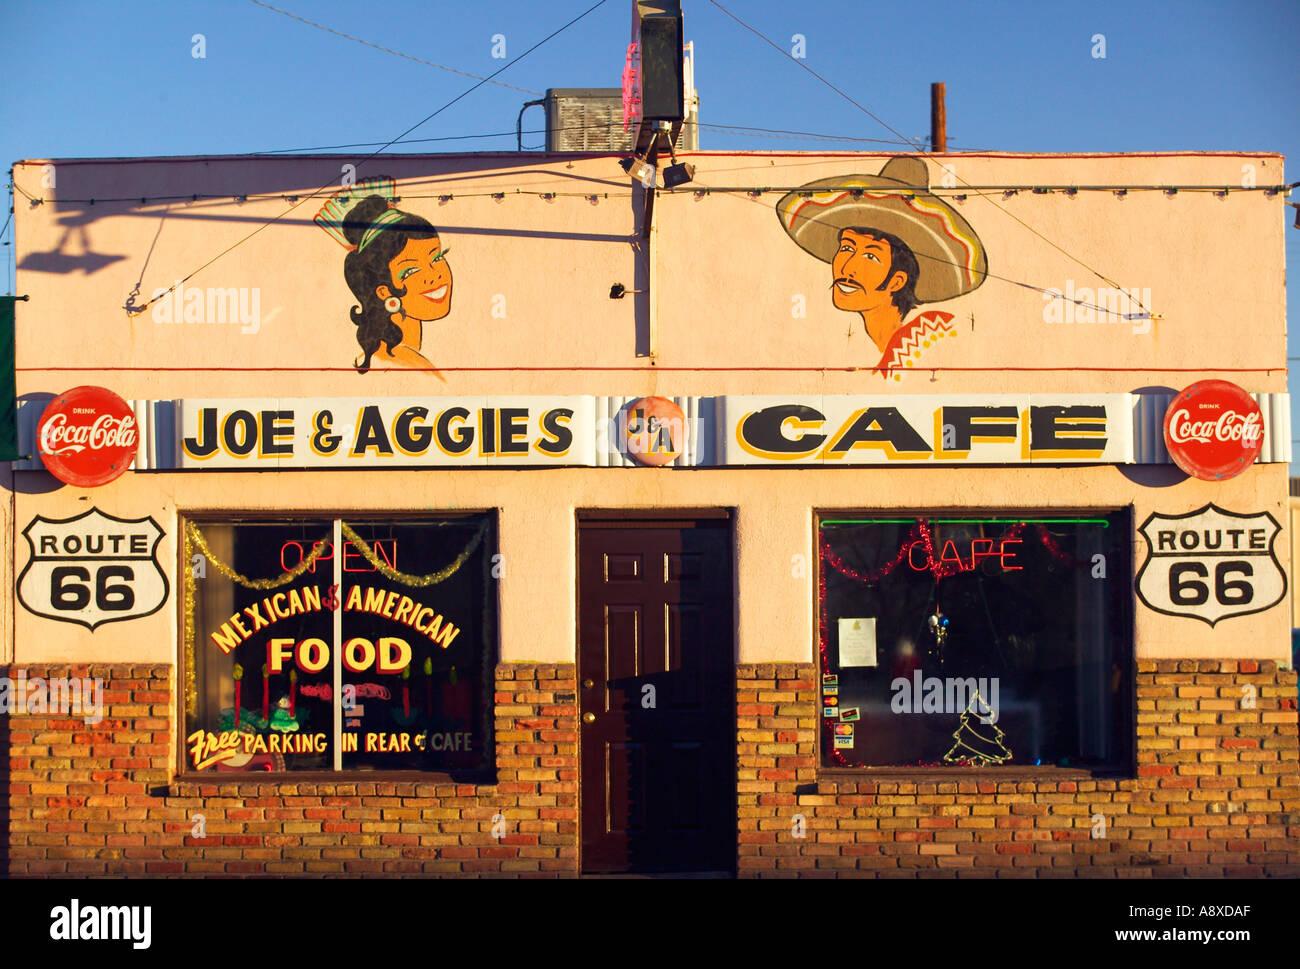 Cafe On Route 66 Arizona Stock Photos & Cafe On Route 66 Arizona ...